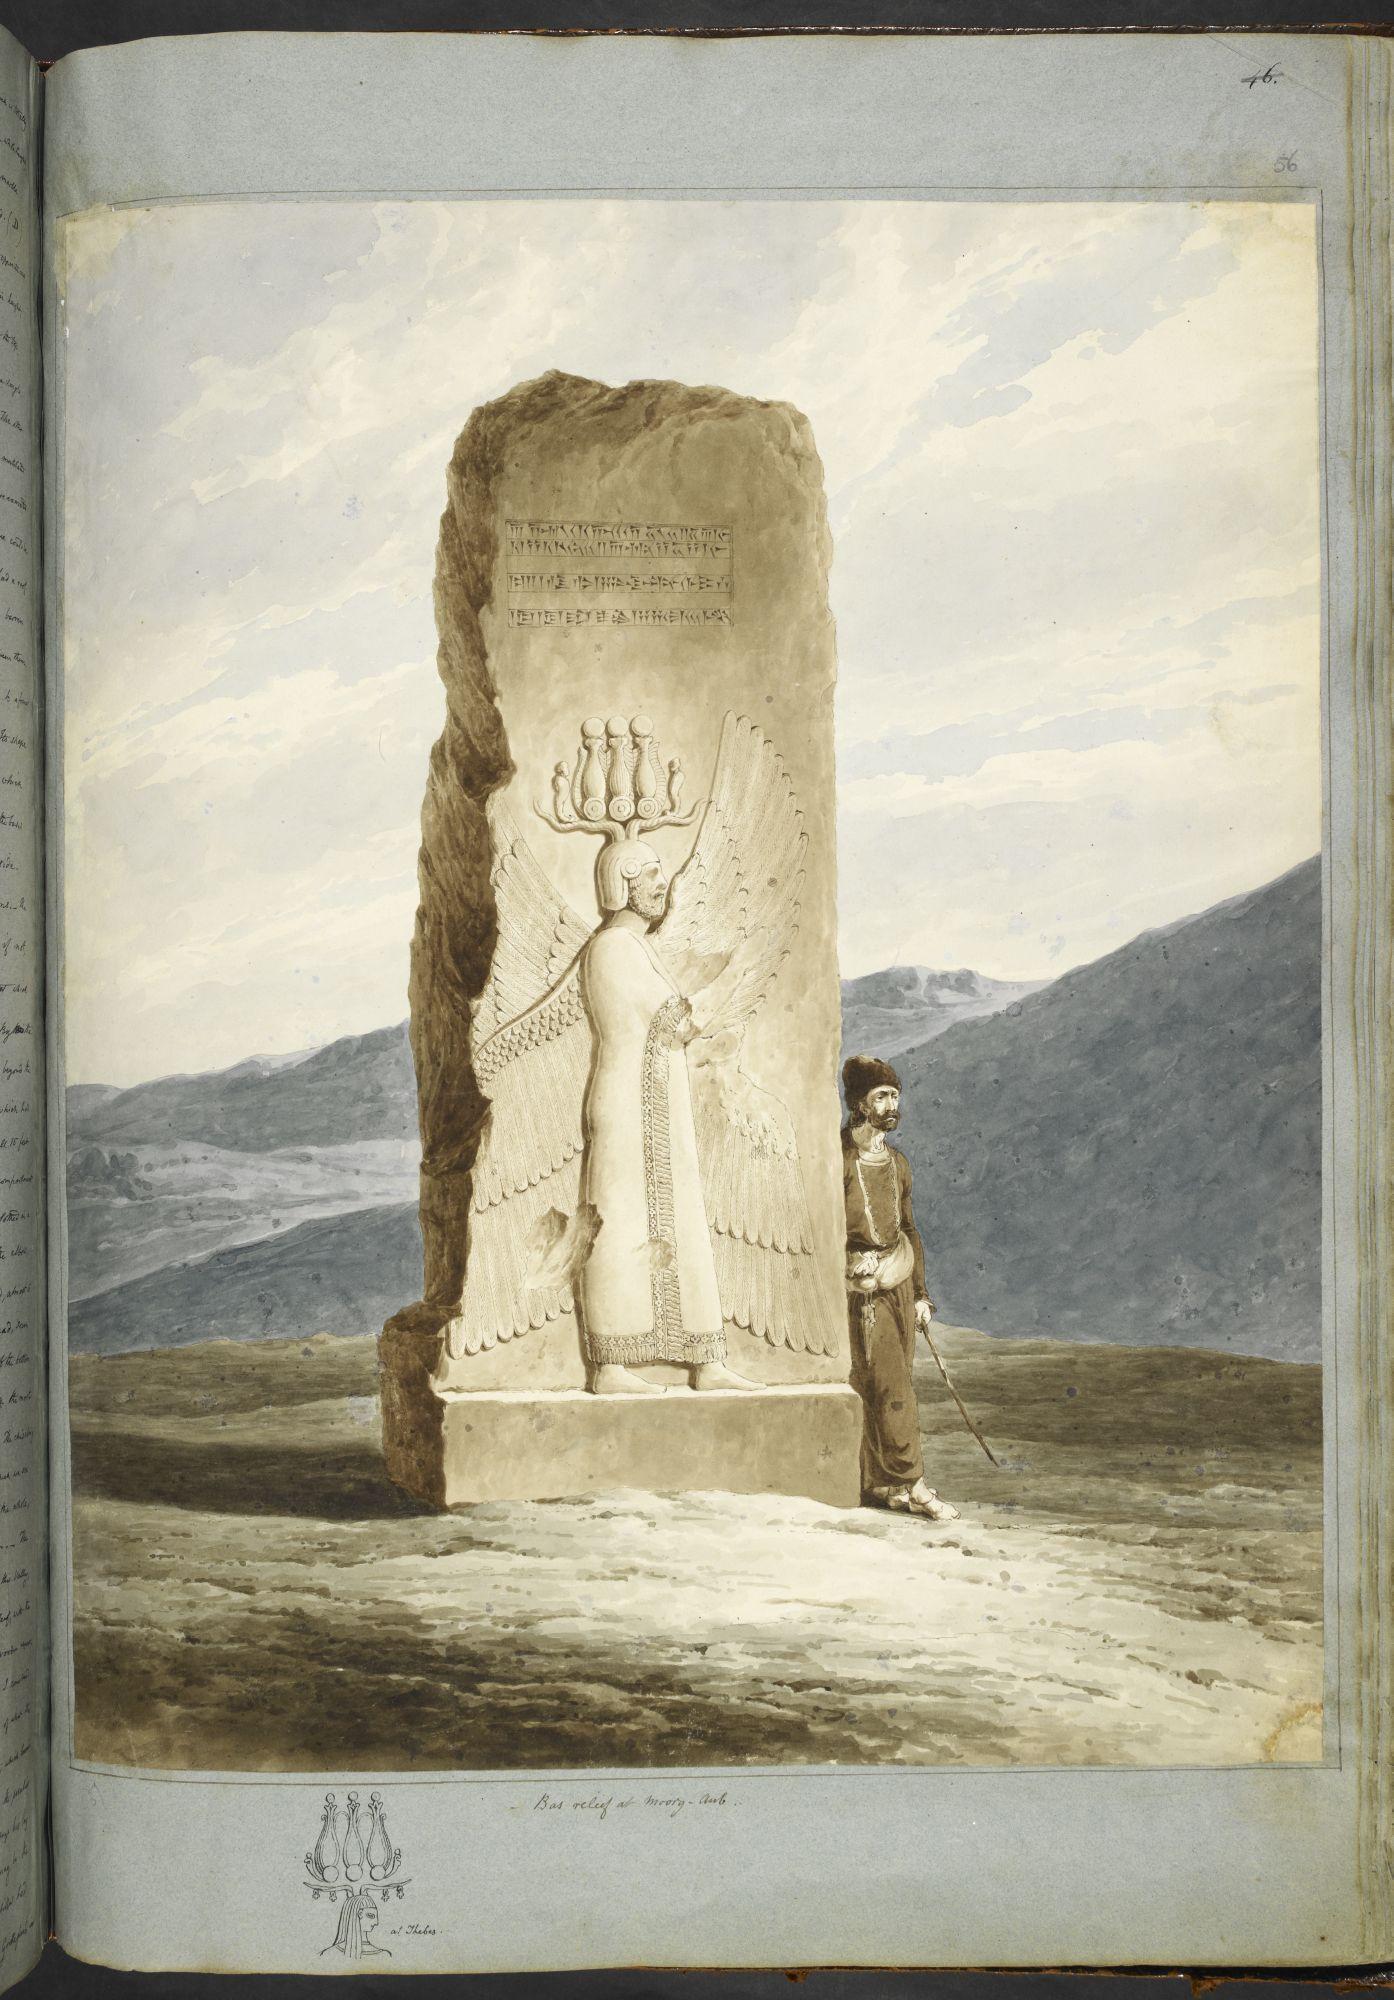 Bas-relief de Cyrus le Grand sur un pilier à Pasargades. Le bas-relief représente Cyrus, le fondateur de l'empire achéménide, avec des ailes et une couronne Hemhem.